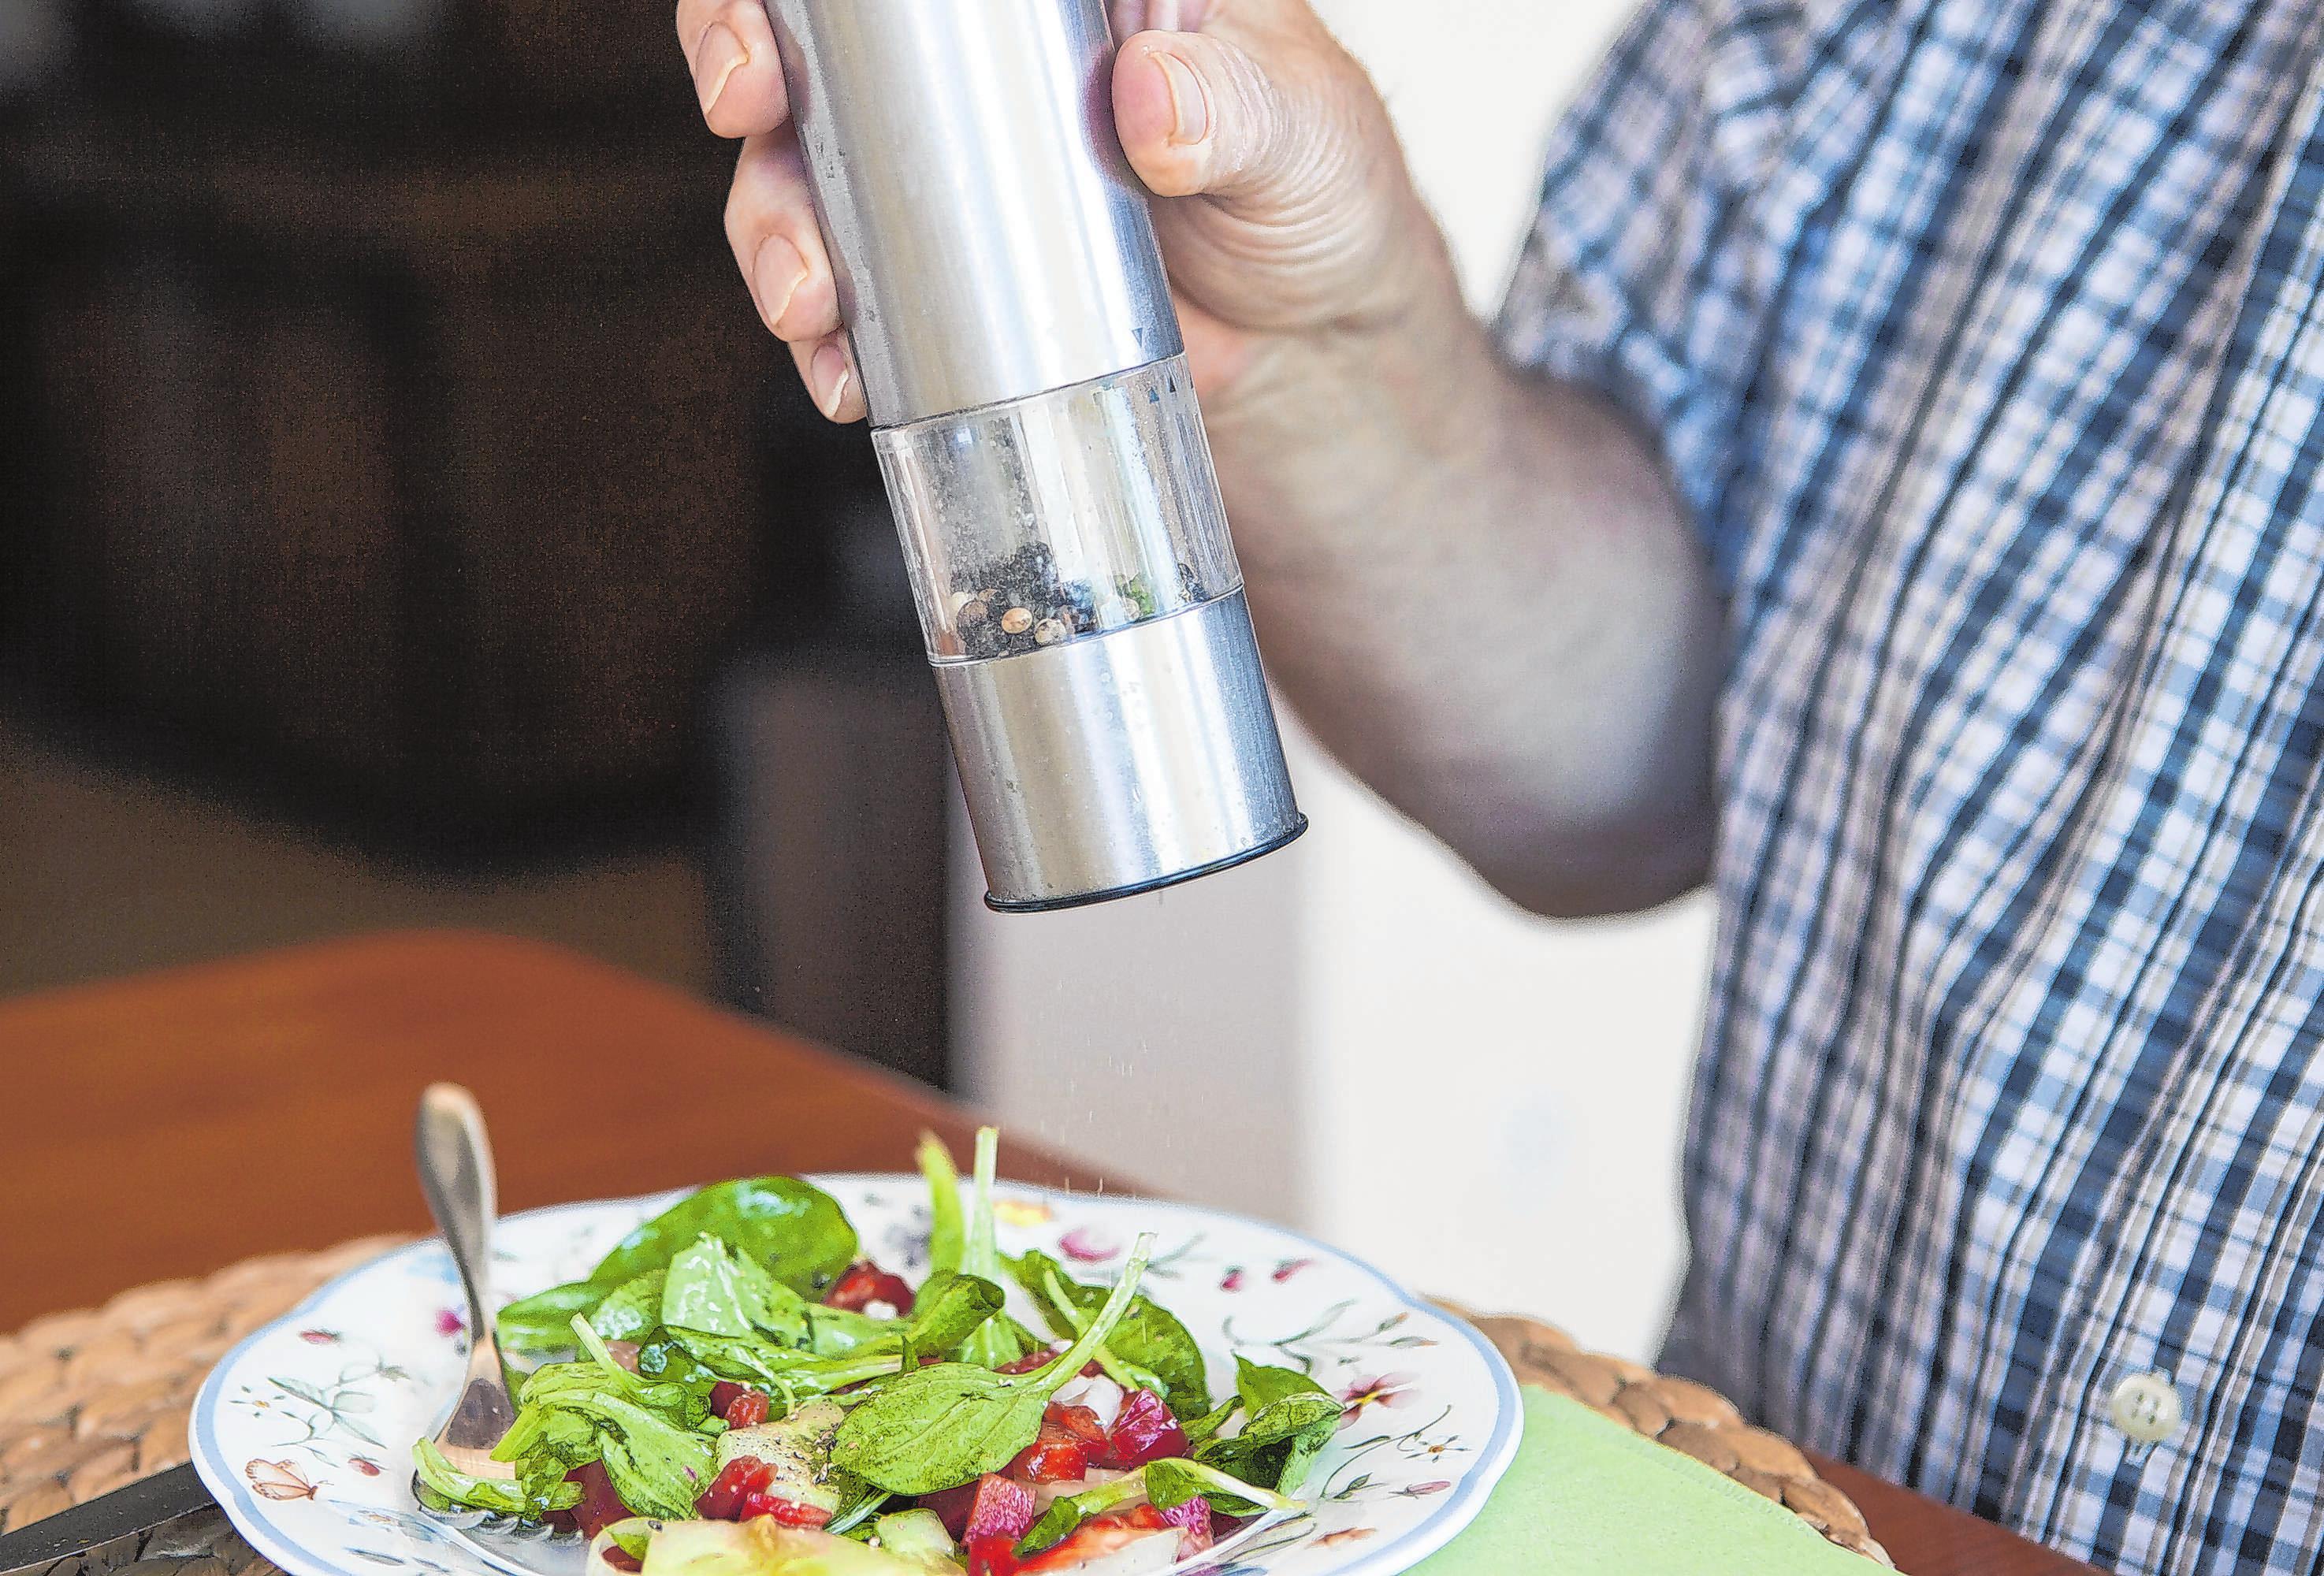 Der Geruchs- und Geschmacksinn kann sich mit dem Alter ändern. Folglich muss auf das Würzen von Speisen mehr Acht gegeben werden. Foto: Silvia Marks/dpa-maga